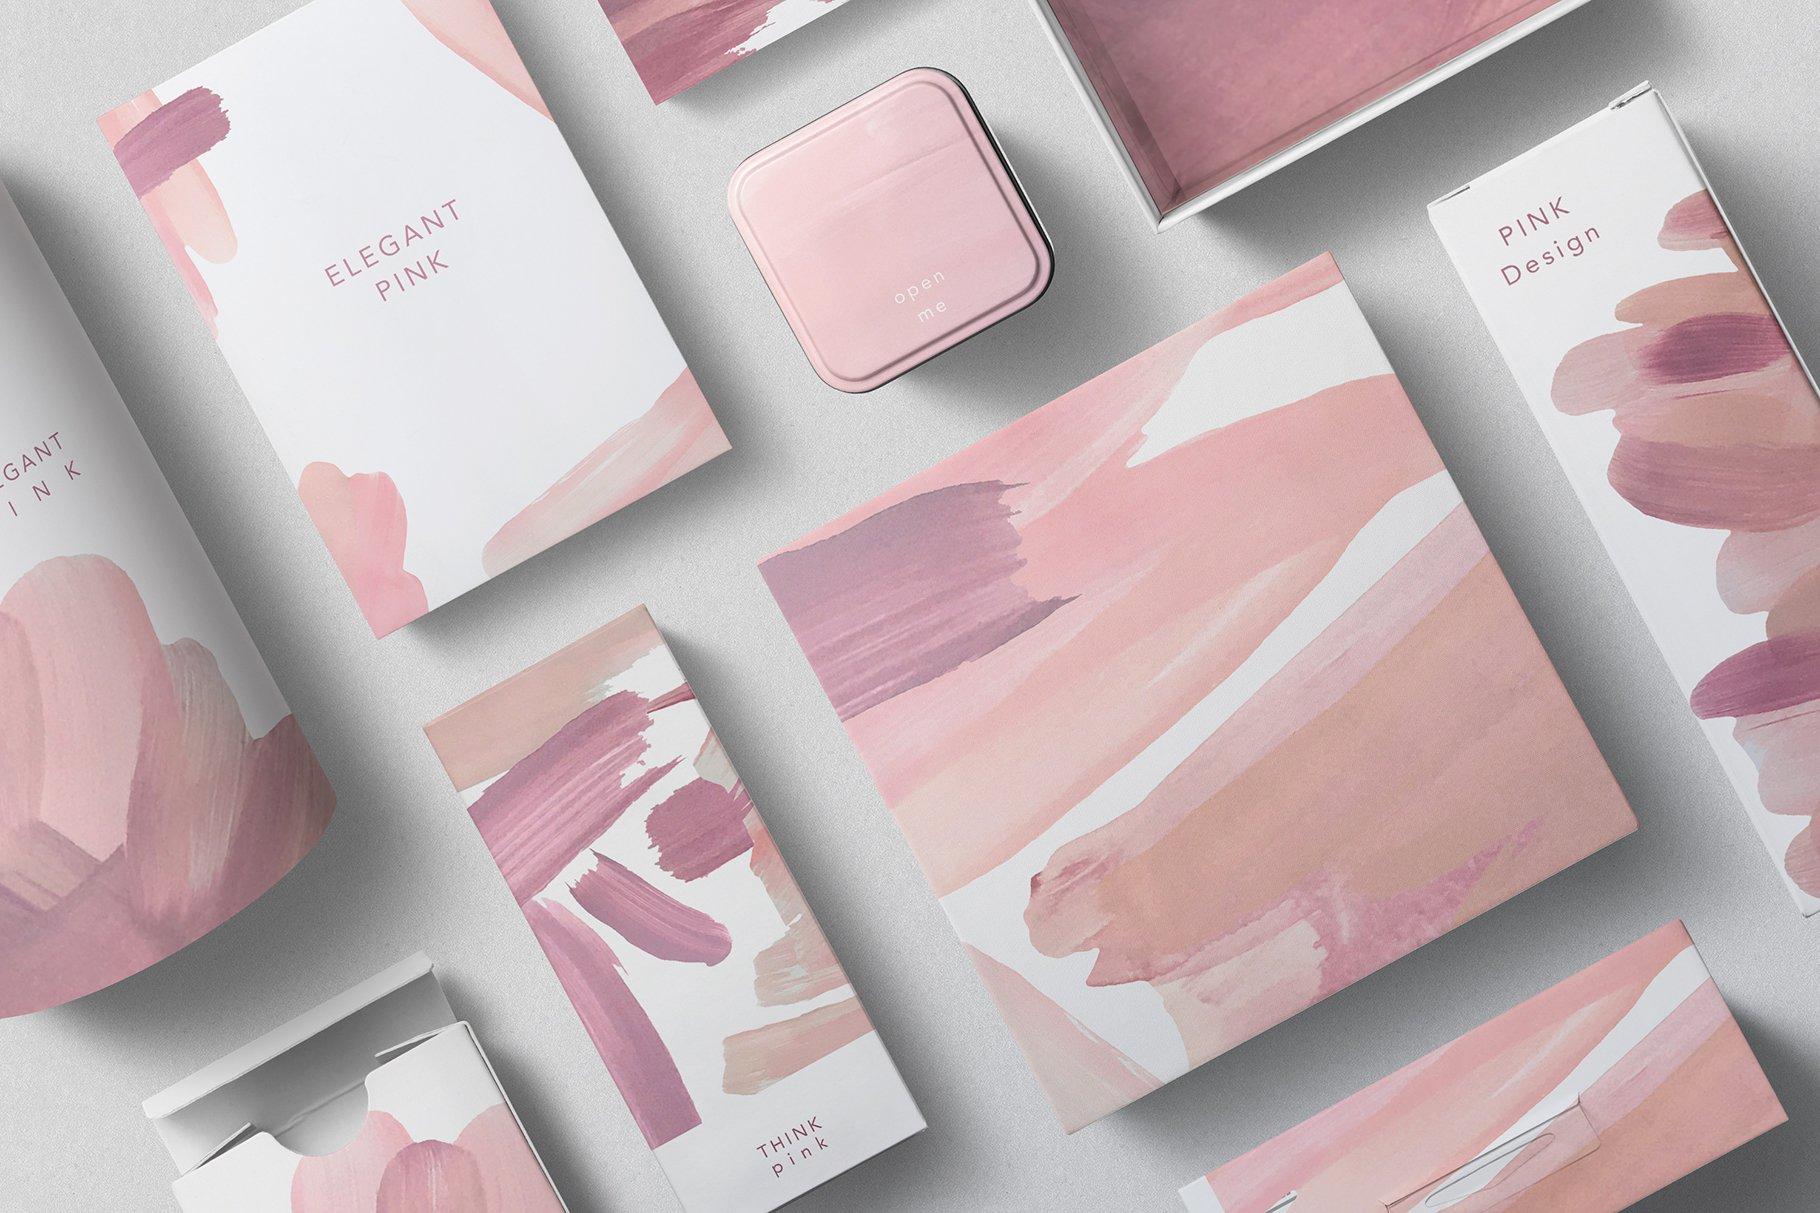 18个粉色画笔笔刷PNG纹理素材 PINK Textures Vol.1插图(1)